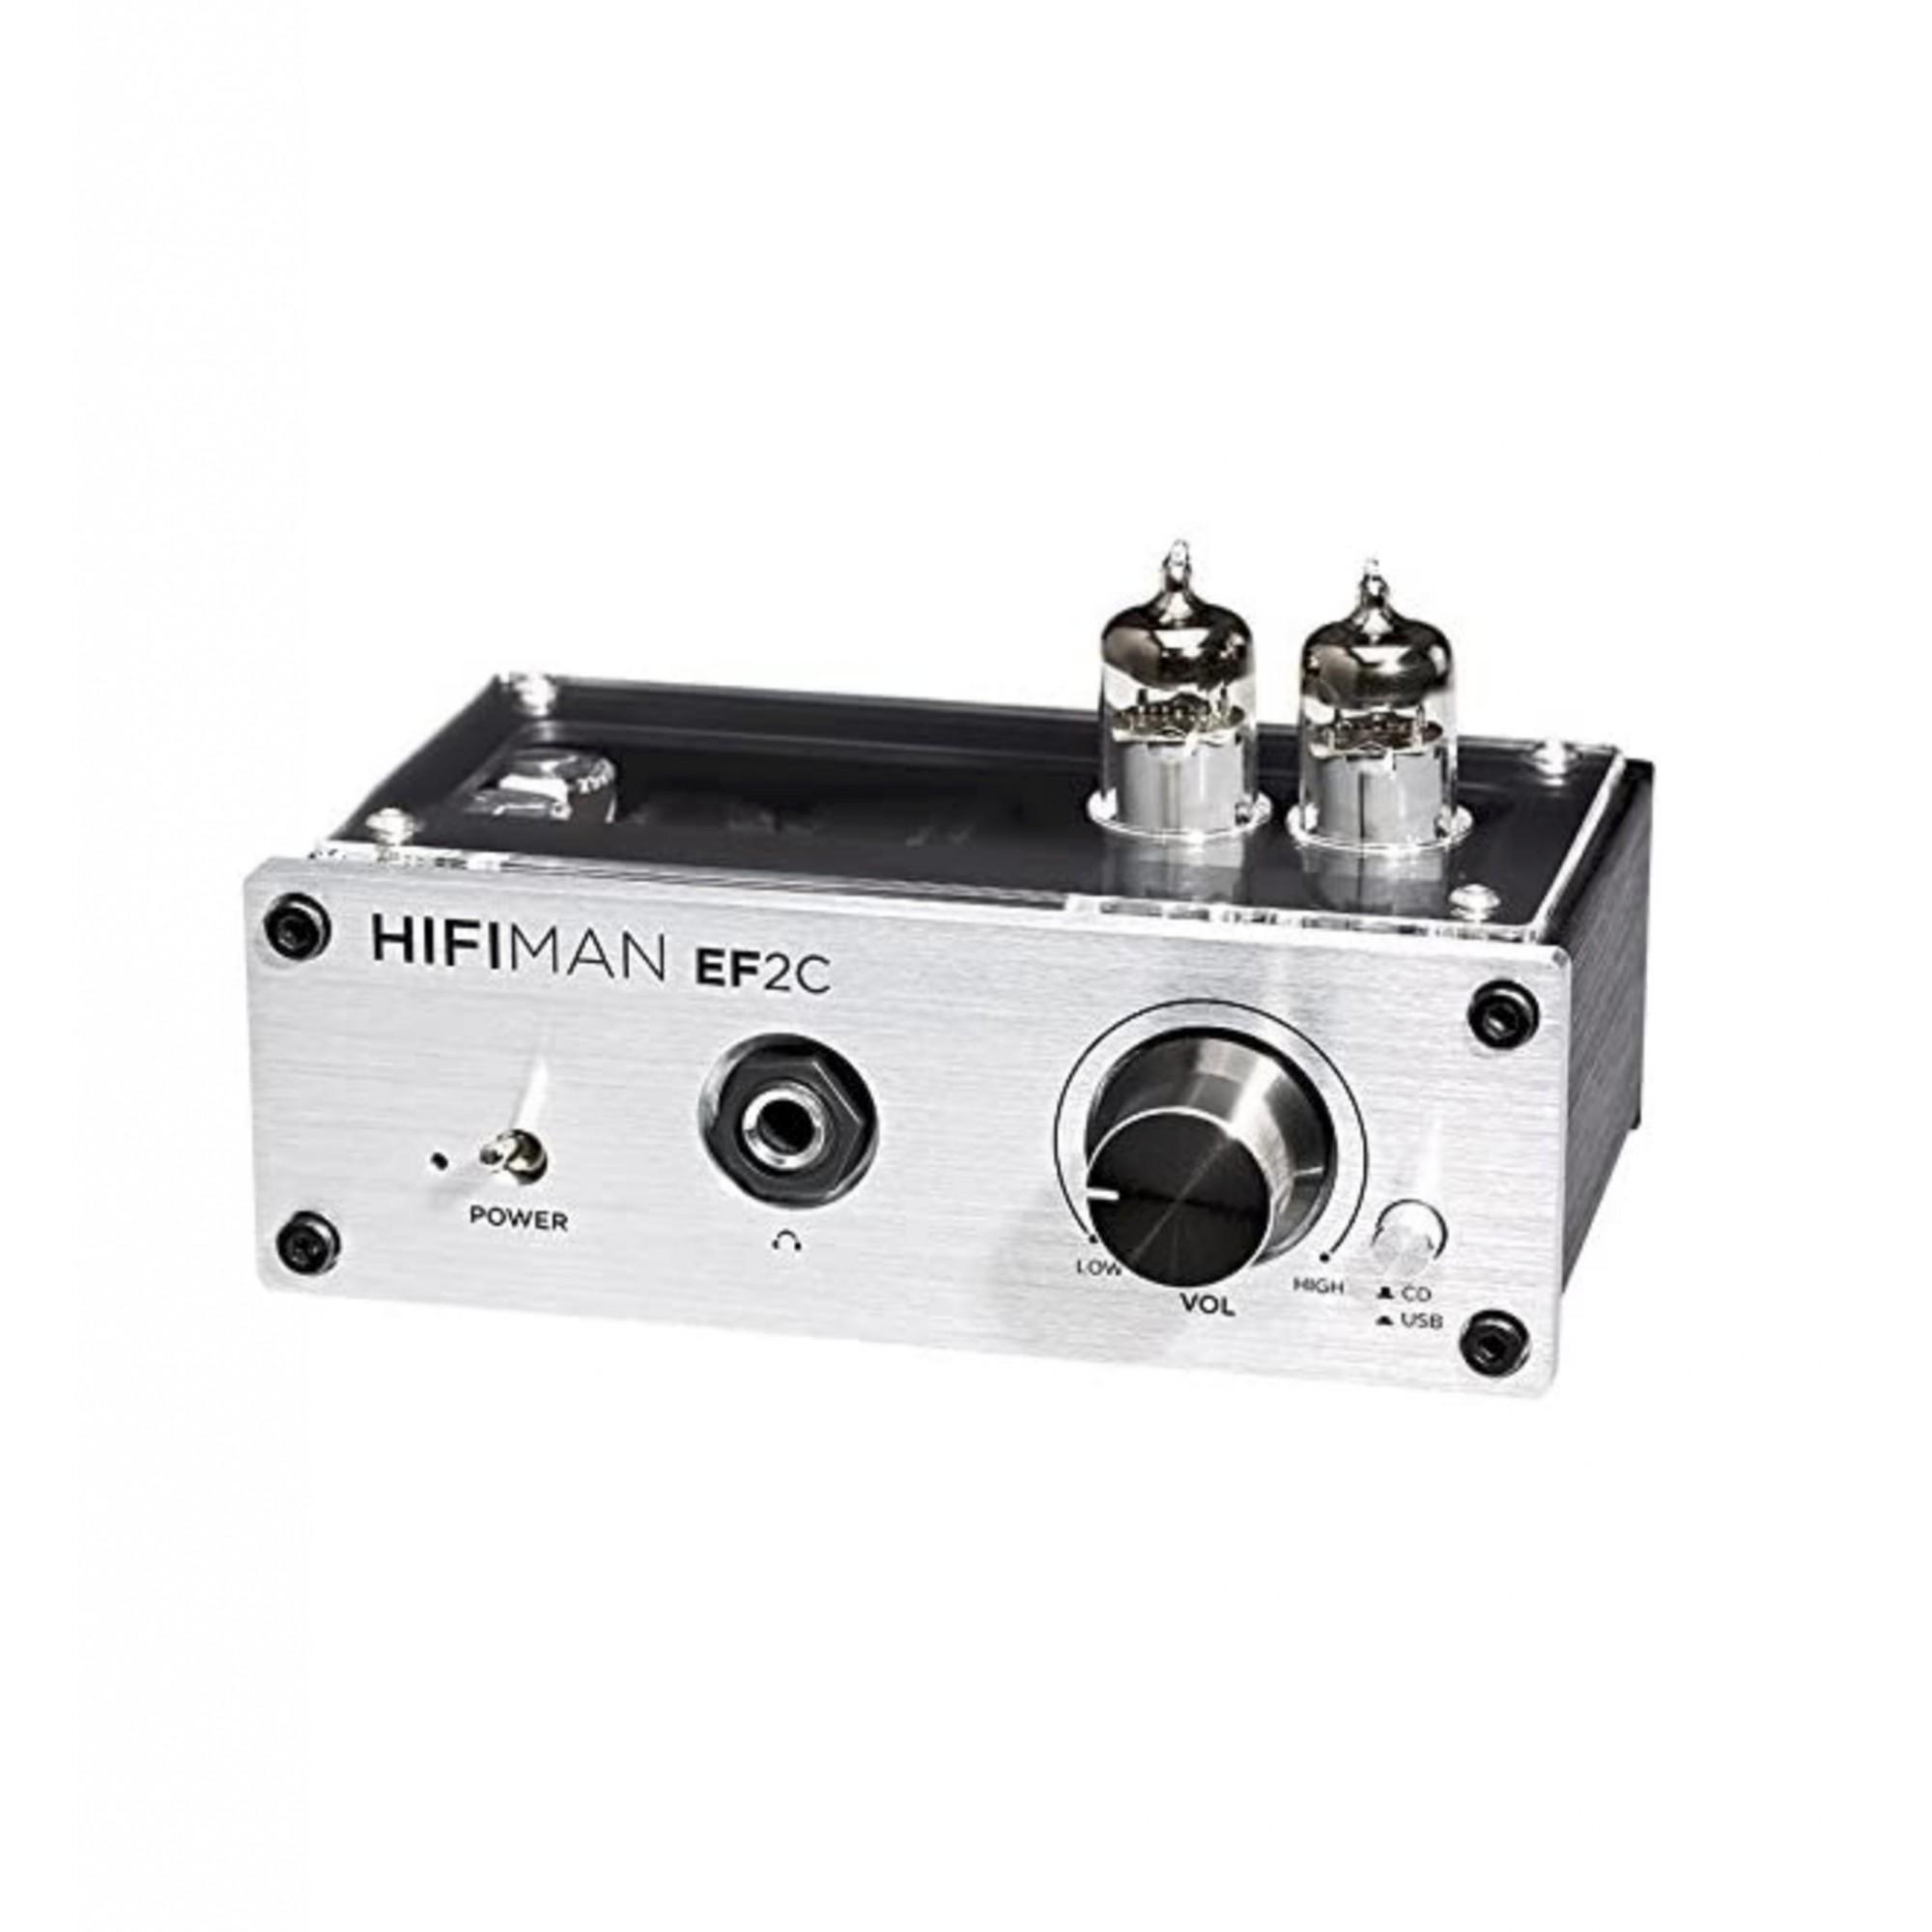 Hifiman Ef2c Dac Amplificado Fone Ouvido Valvulado